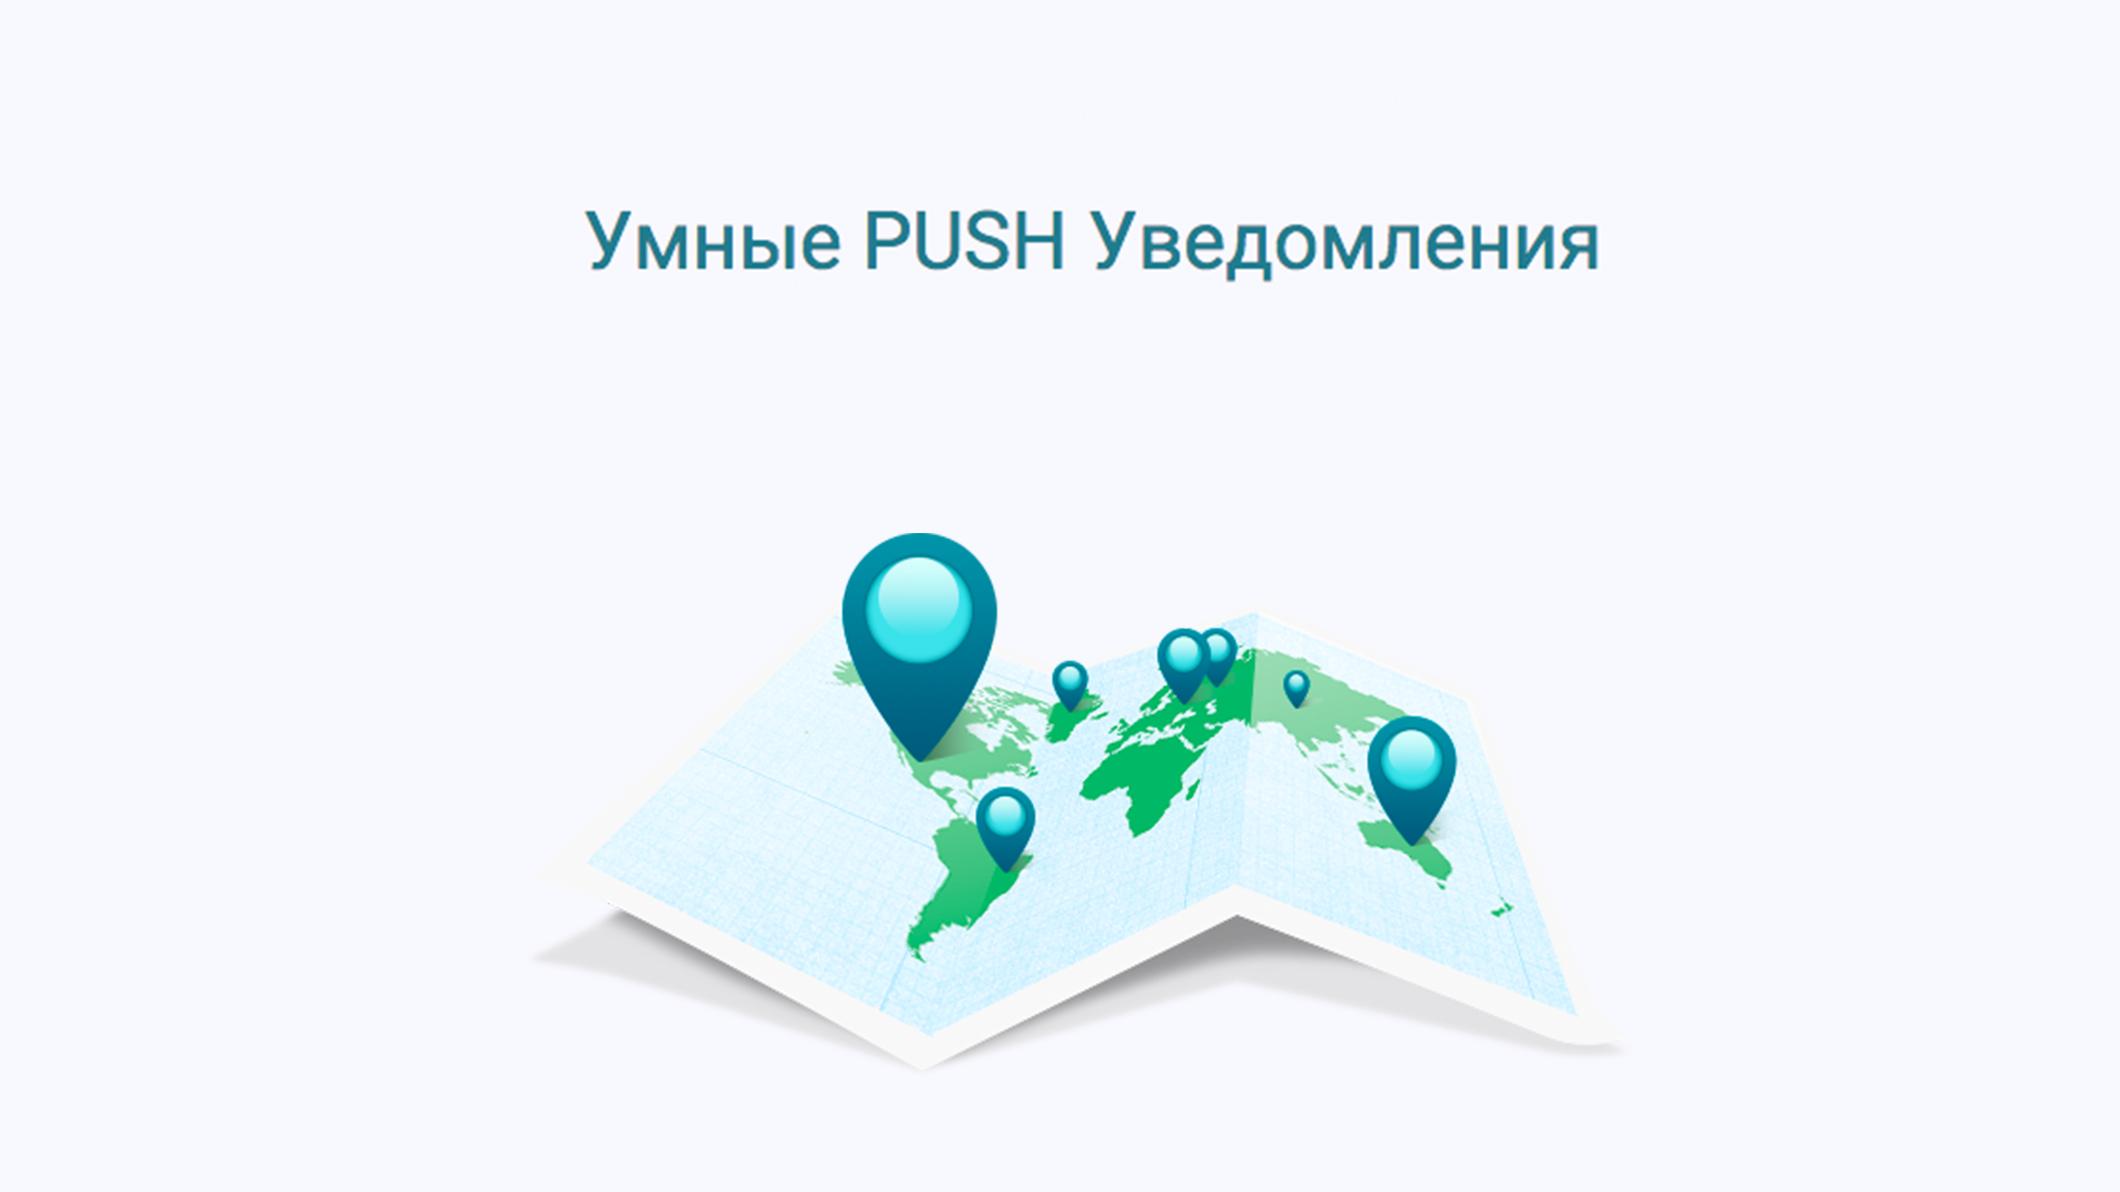 Web push notification / Веб пуш уведомления